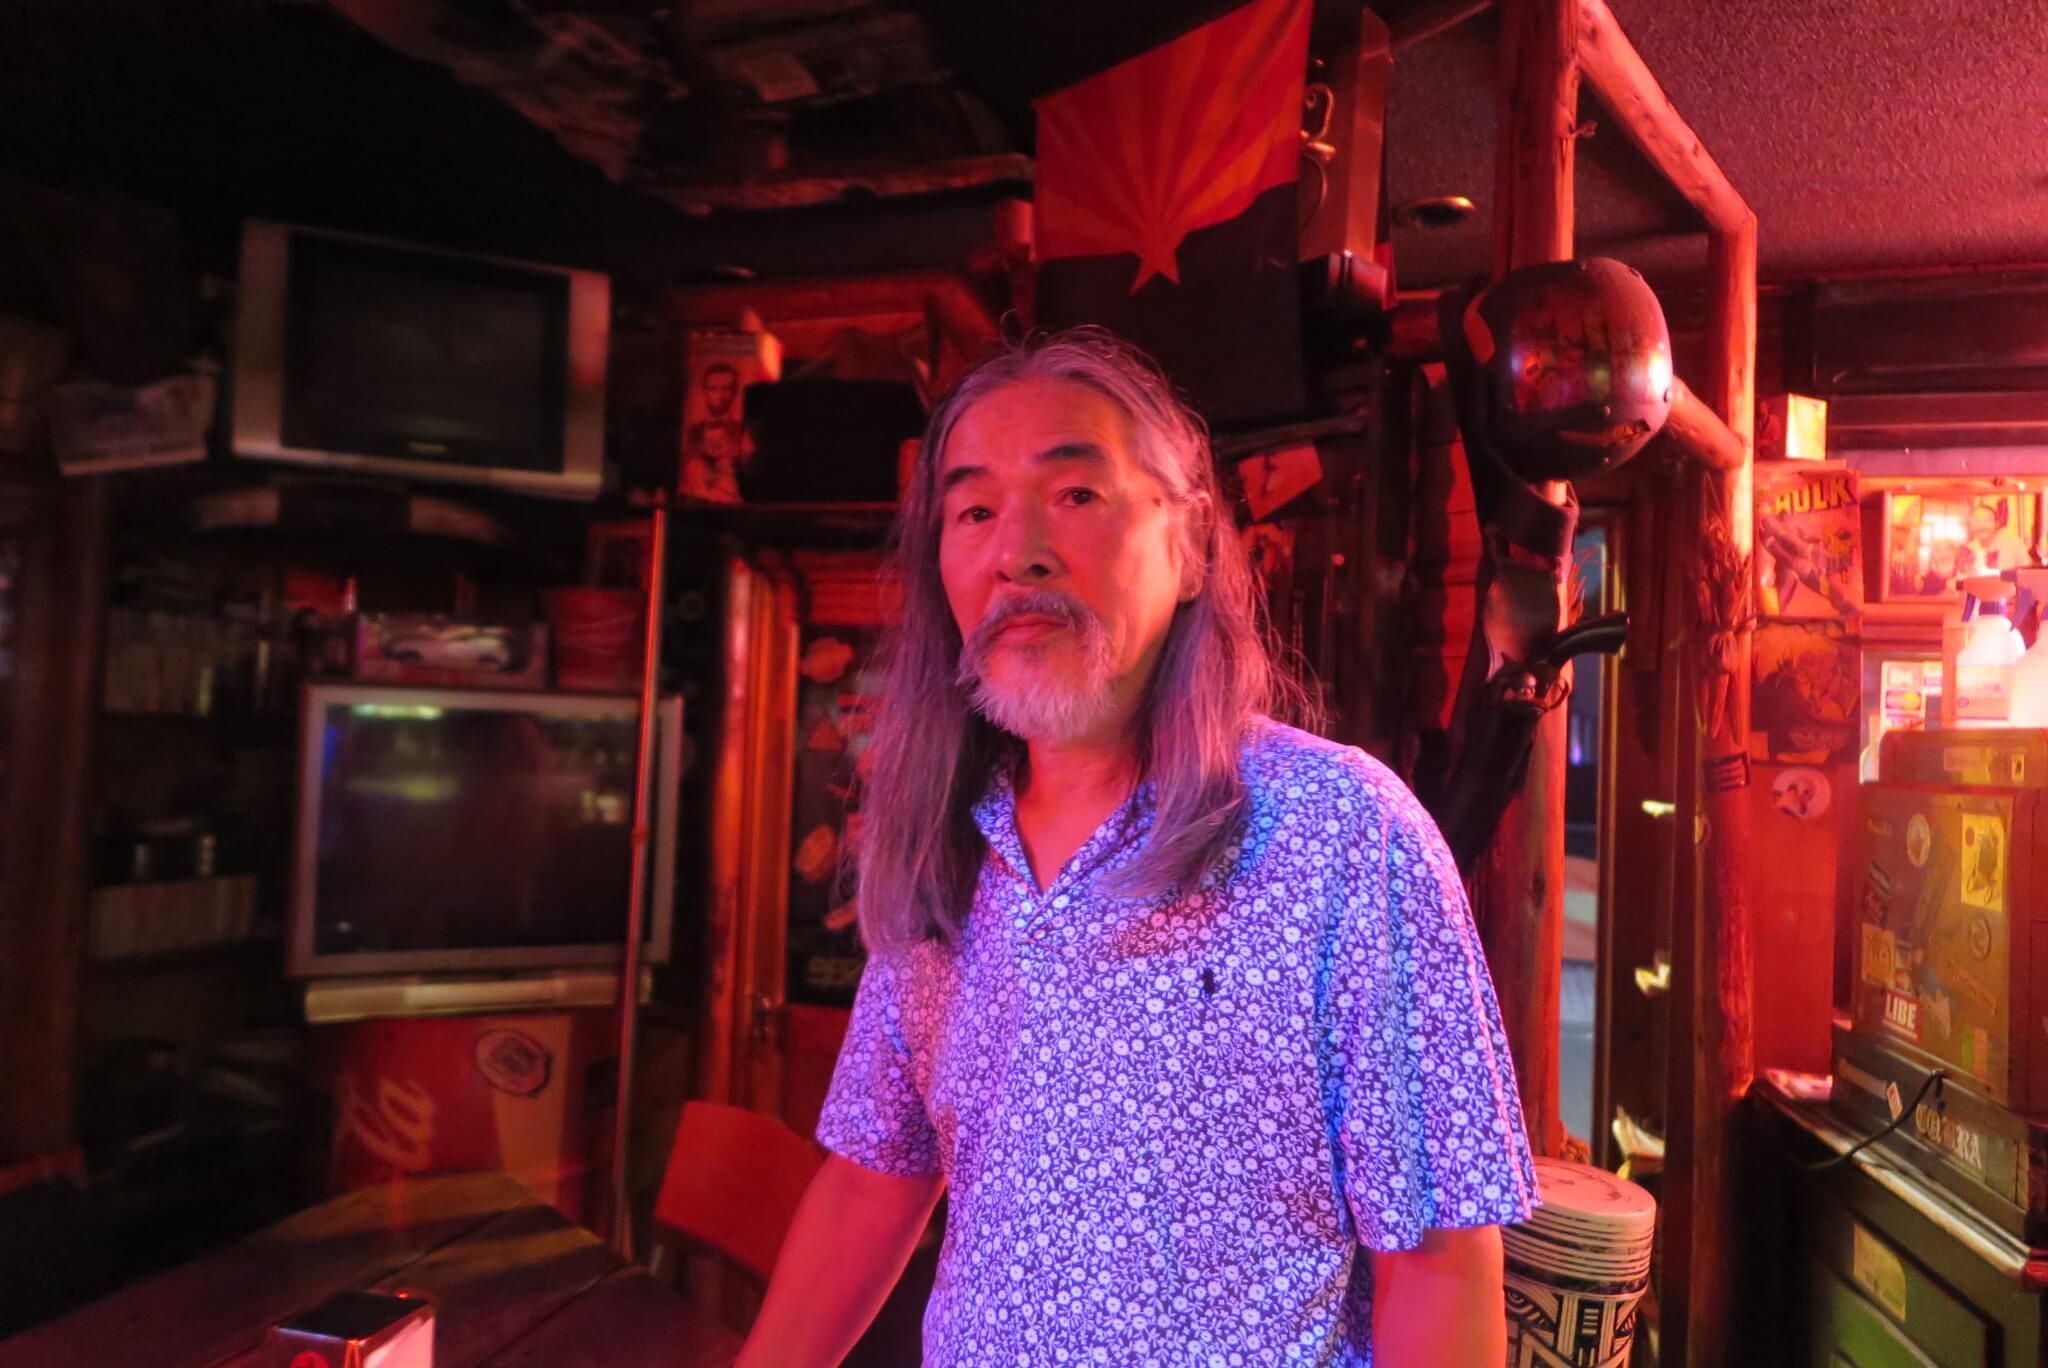 ローカルWEBメディア・地域サイト 草加ローカルストーリー 大田俊郎さん Apache JCT(カントリーモア )